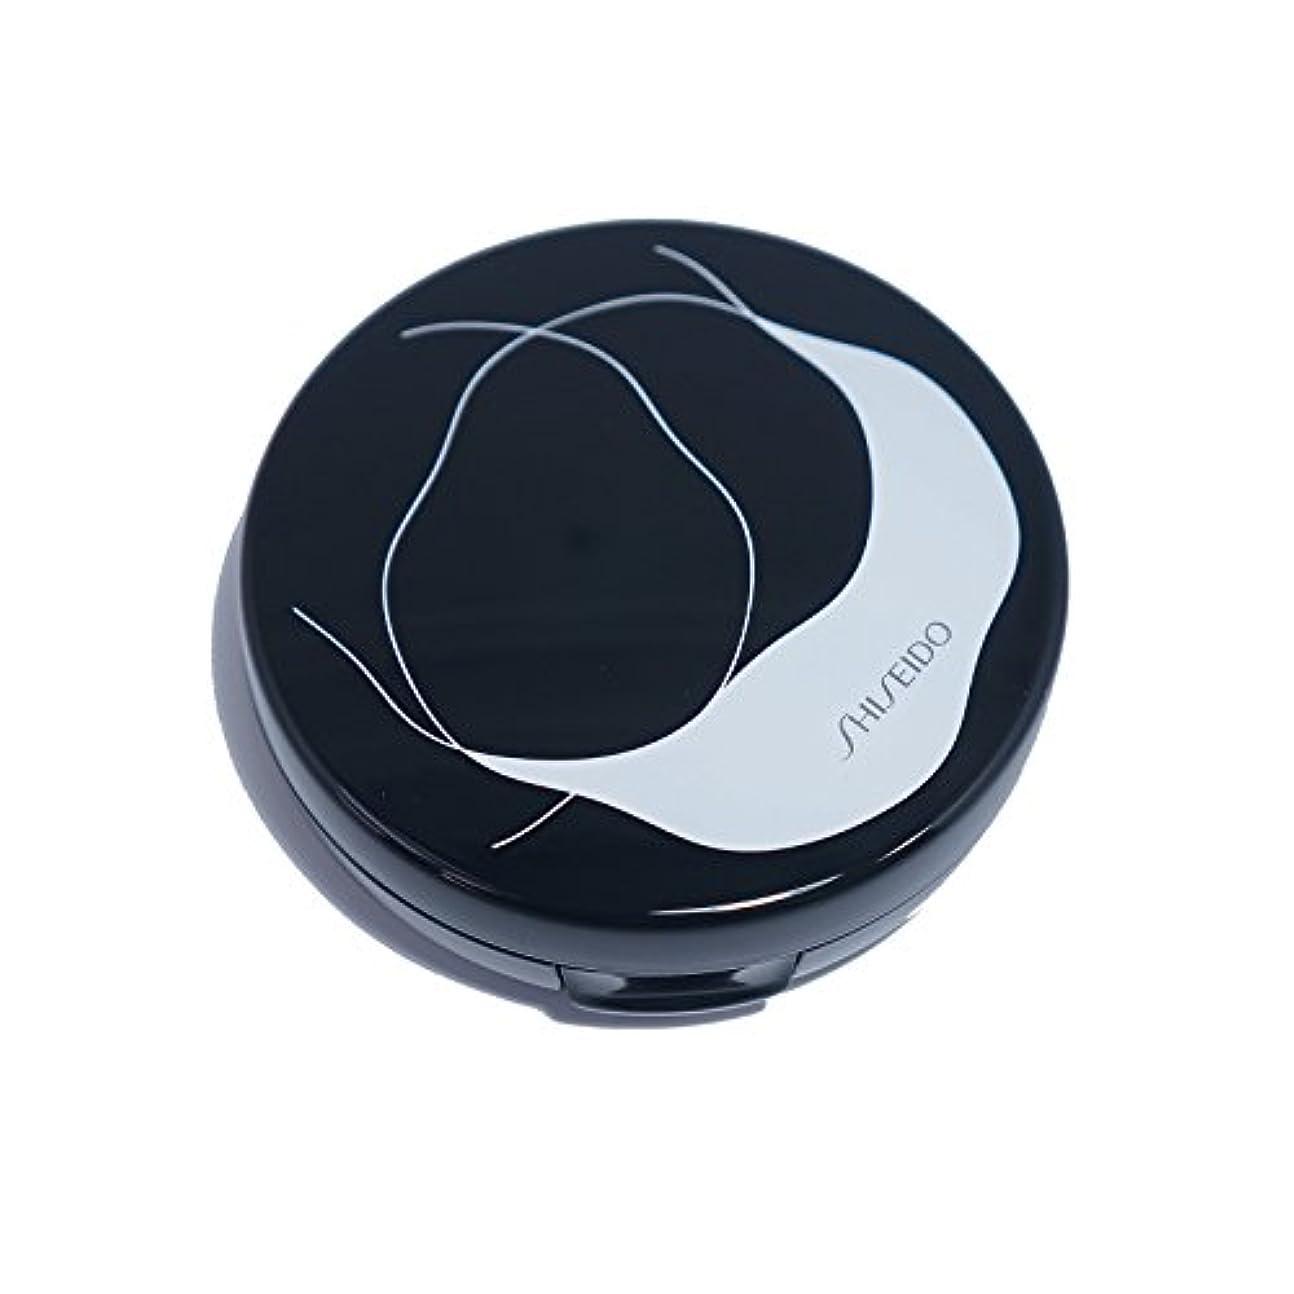 ユーモラスハンディキャップ指紋SHISEIDO 資生堂 シンクロスキン グロー クッションコンパクト オークル10 レフィル&ケースのセット 国内正規品